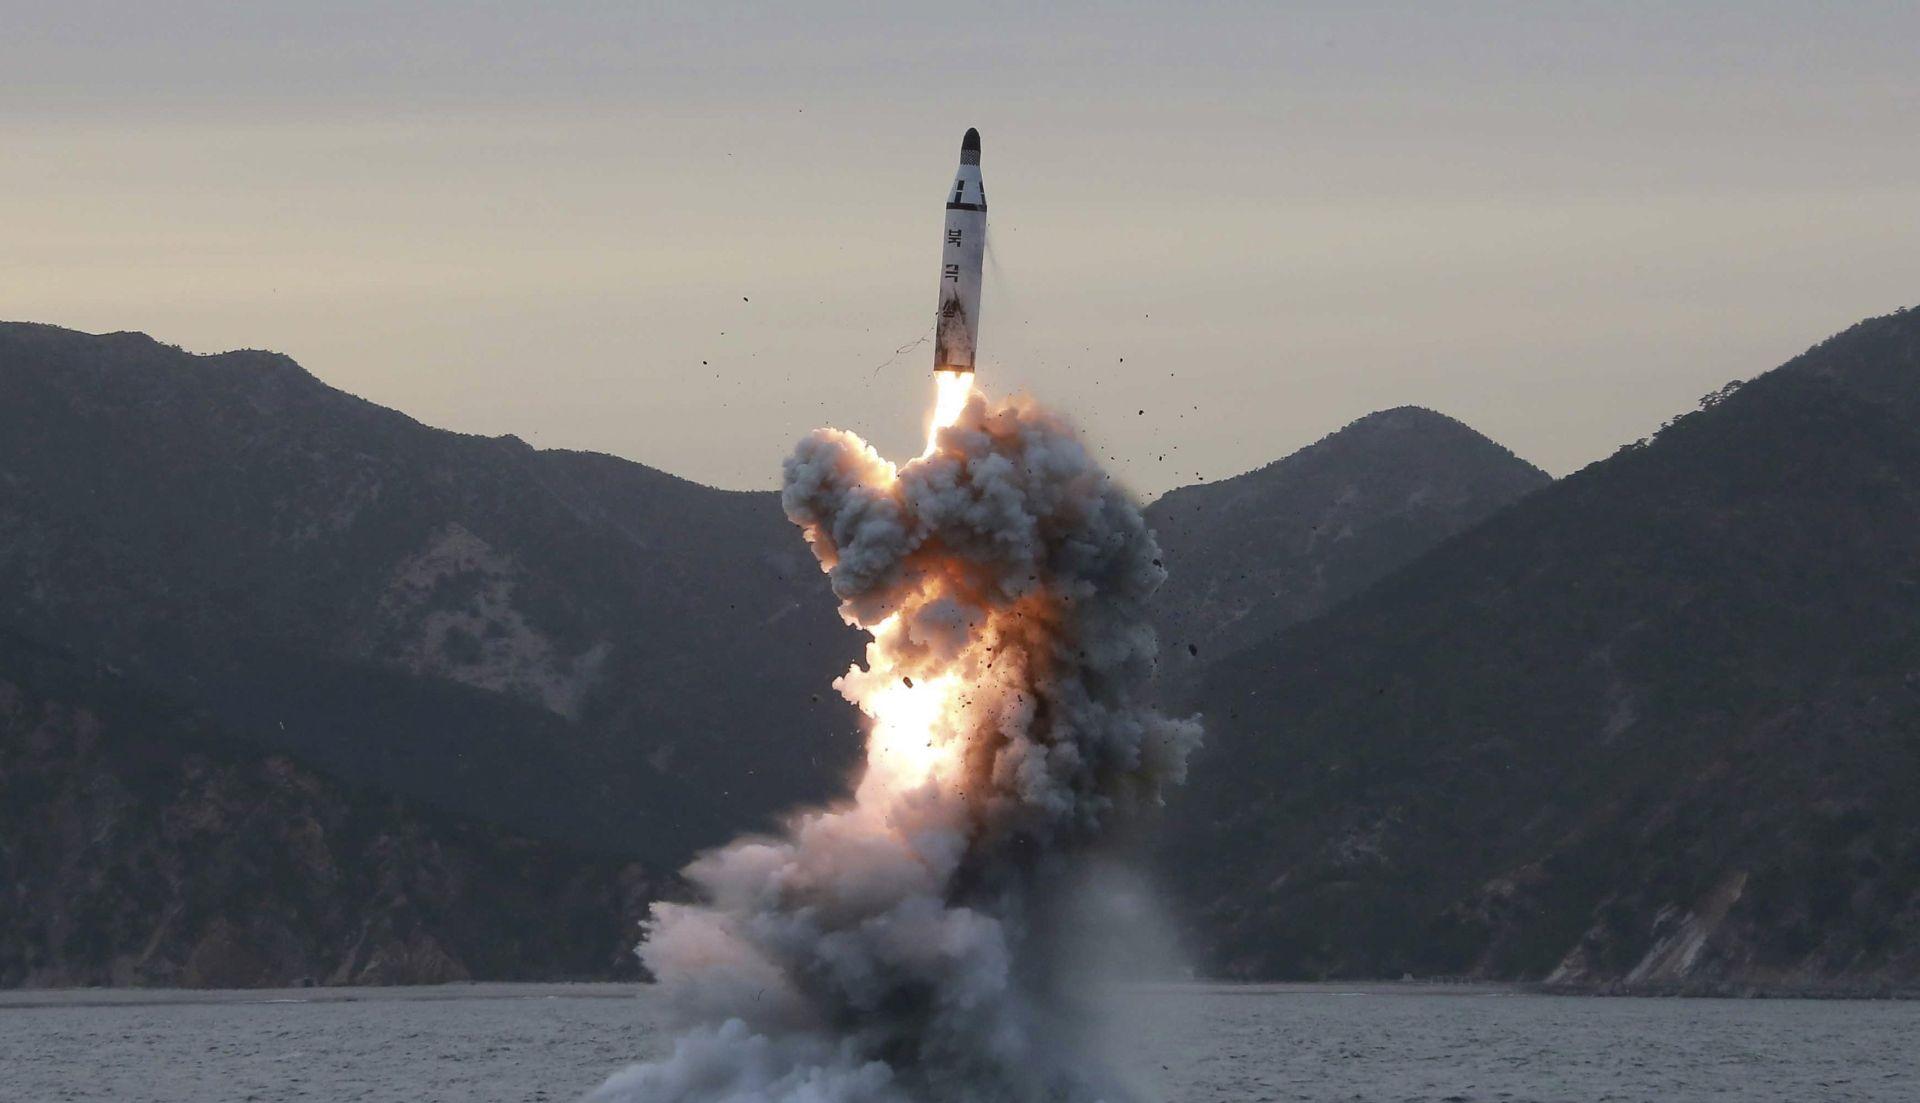 SJEVERNA KOREJA Još jedan neuspjeli pokušaj lansiranja balističkog projektila